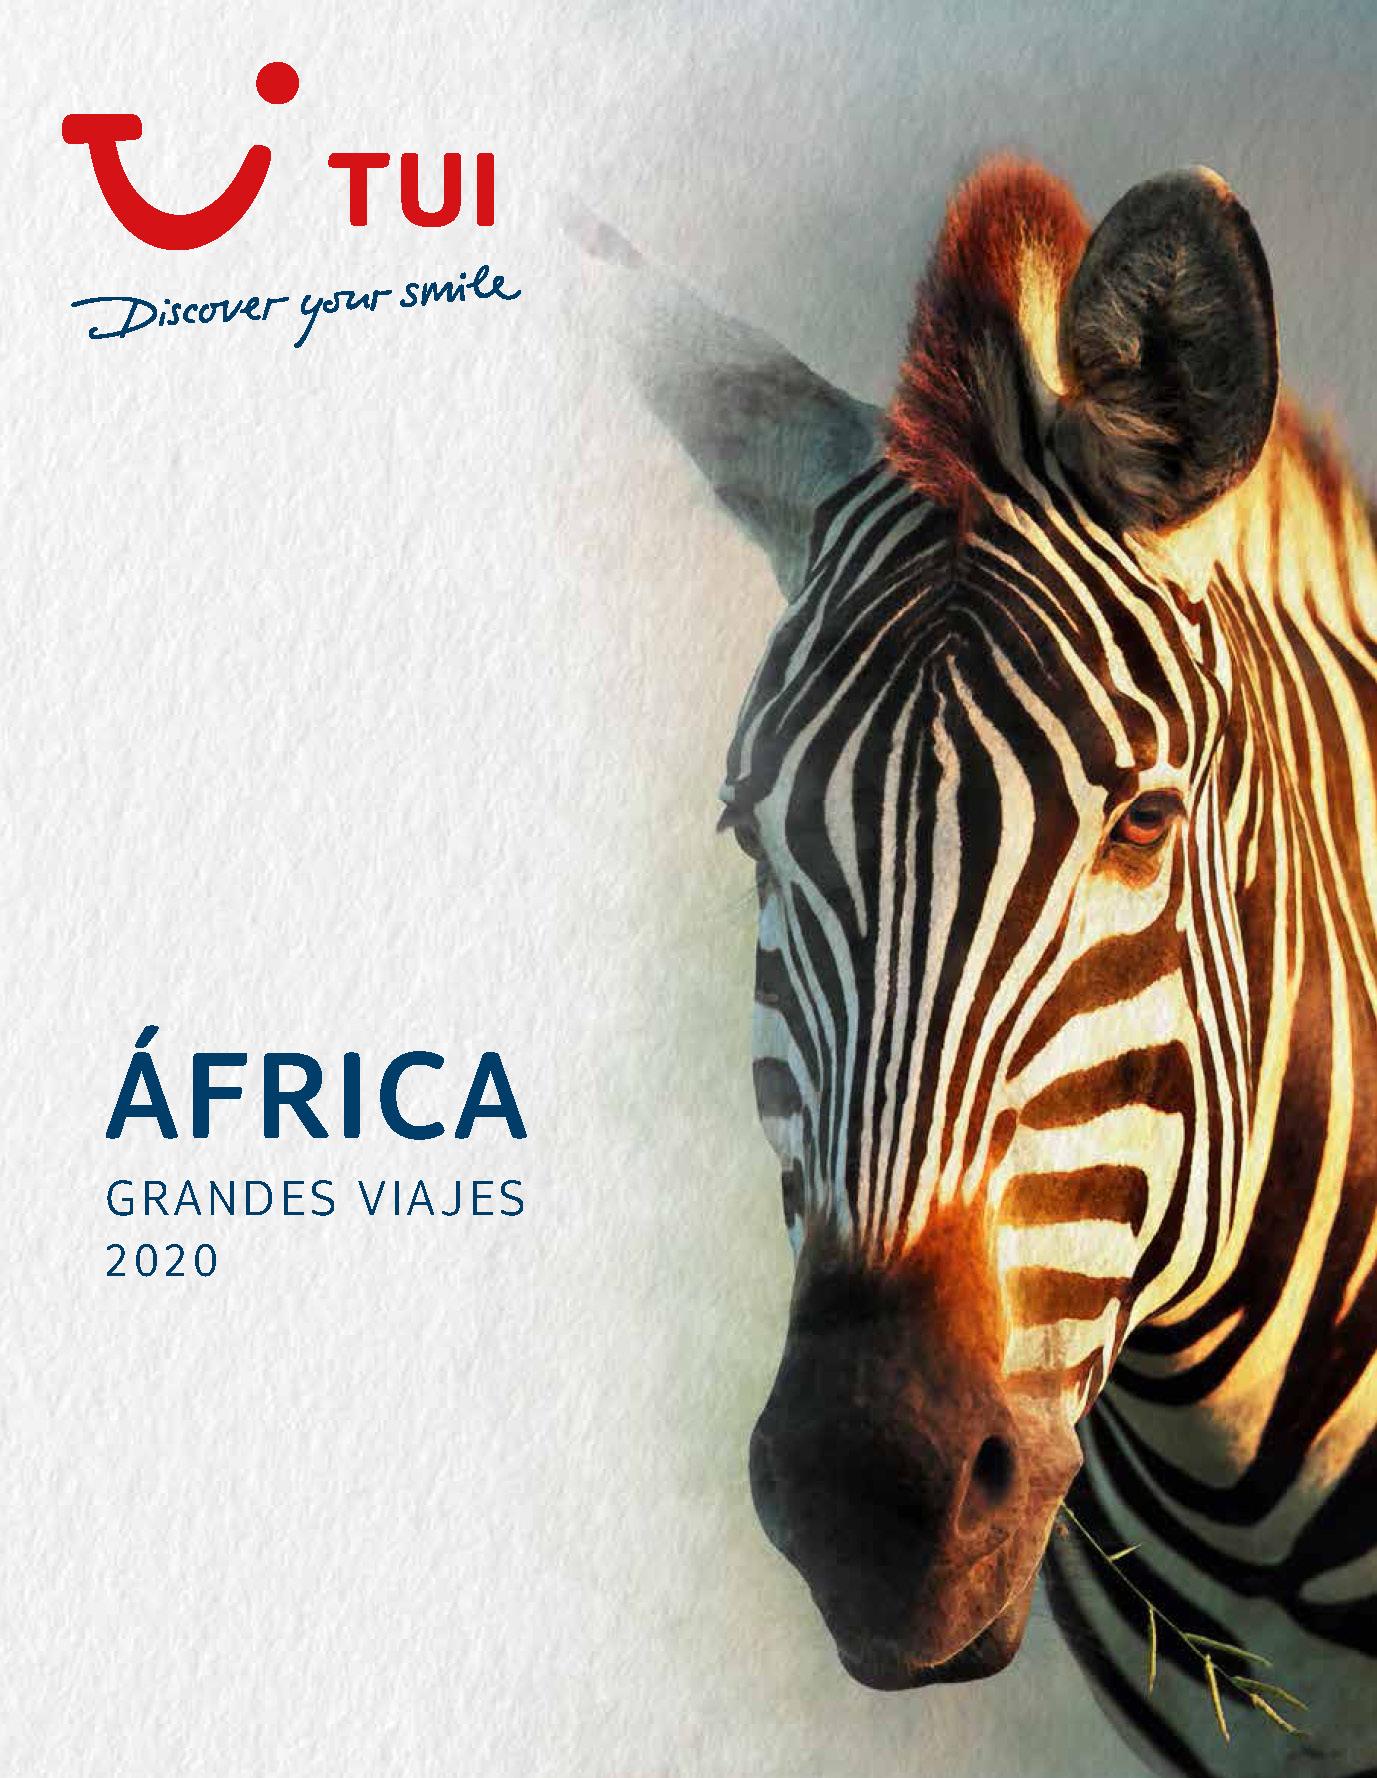 Catalogo TUI Africa 2020